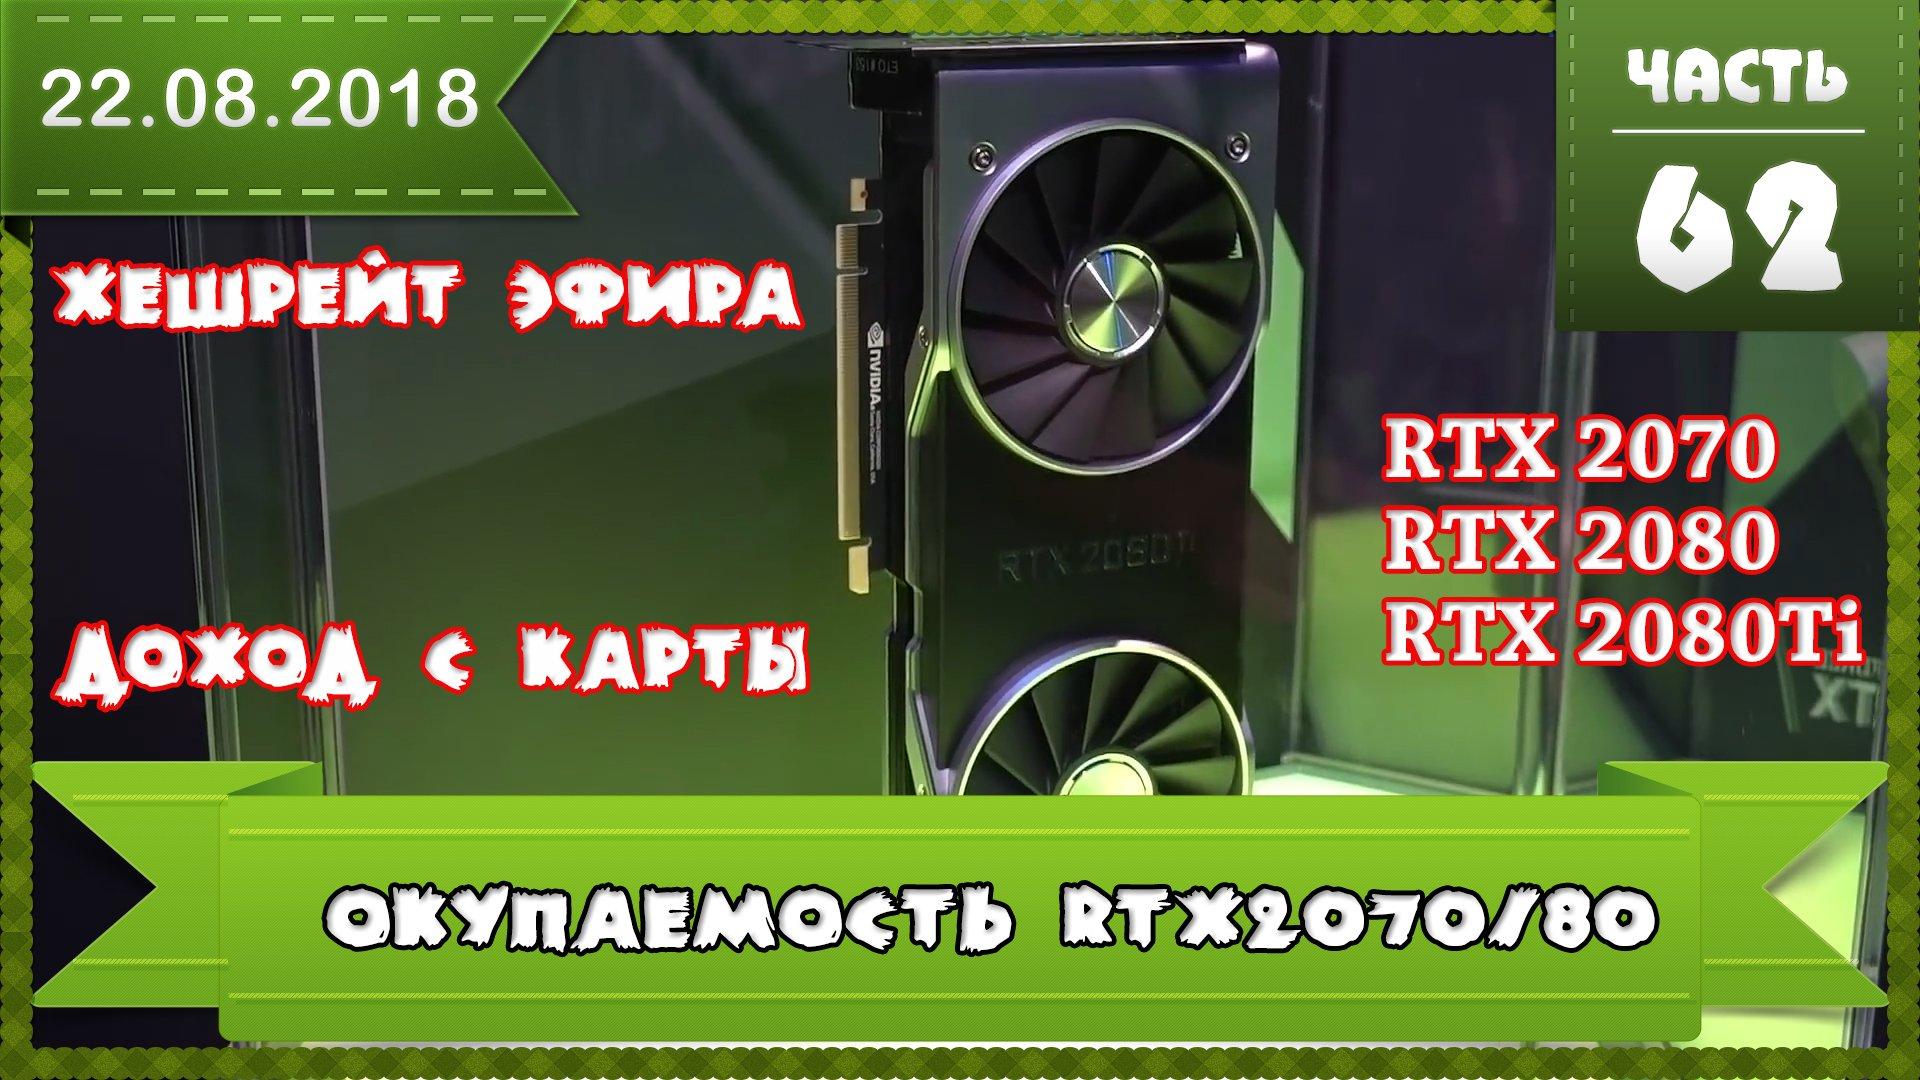 Окупаемость Nvidia RTX2070 RTX2080 RTX2080Ti, доход с фермы, когда и стоит ли покупать